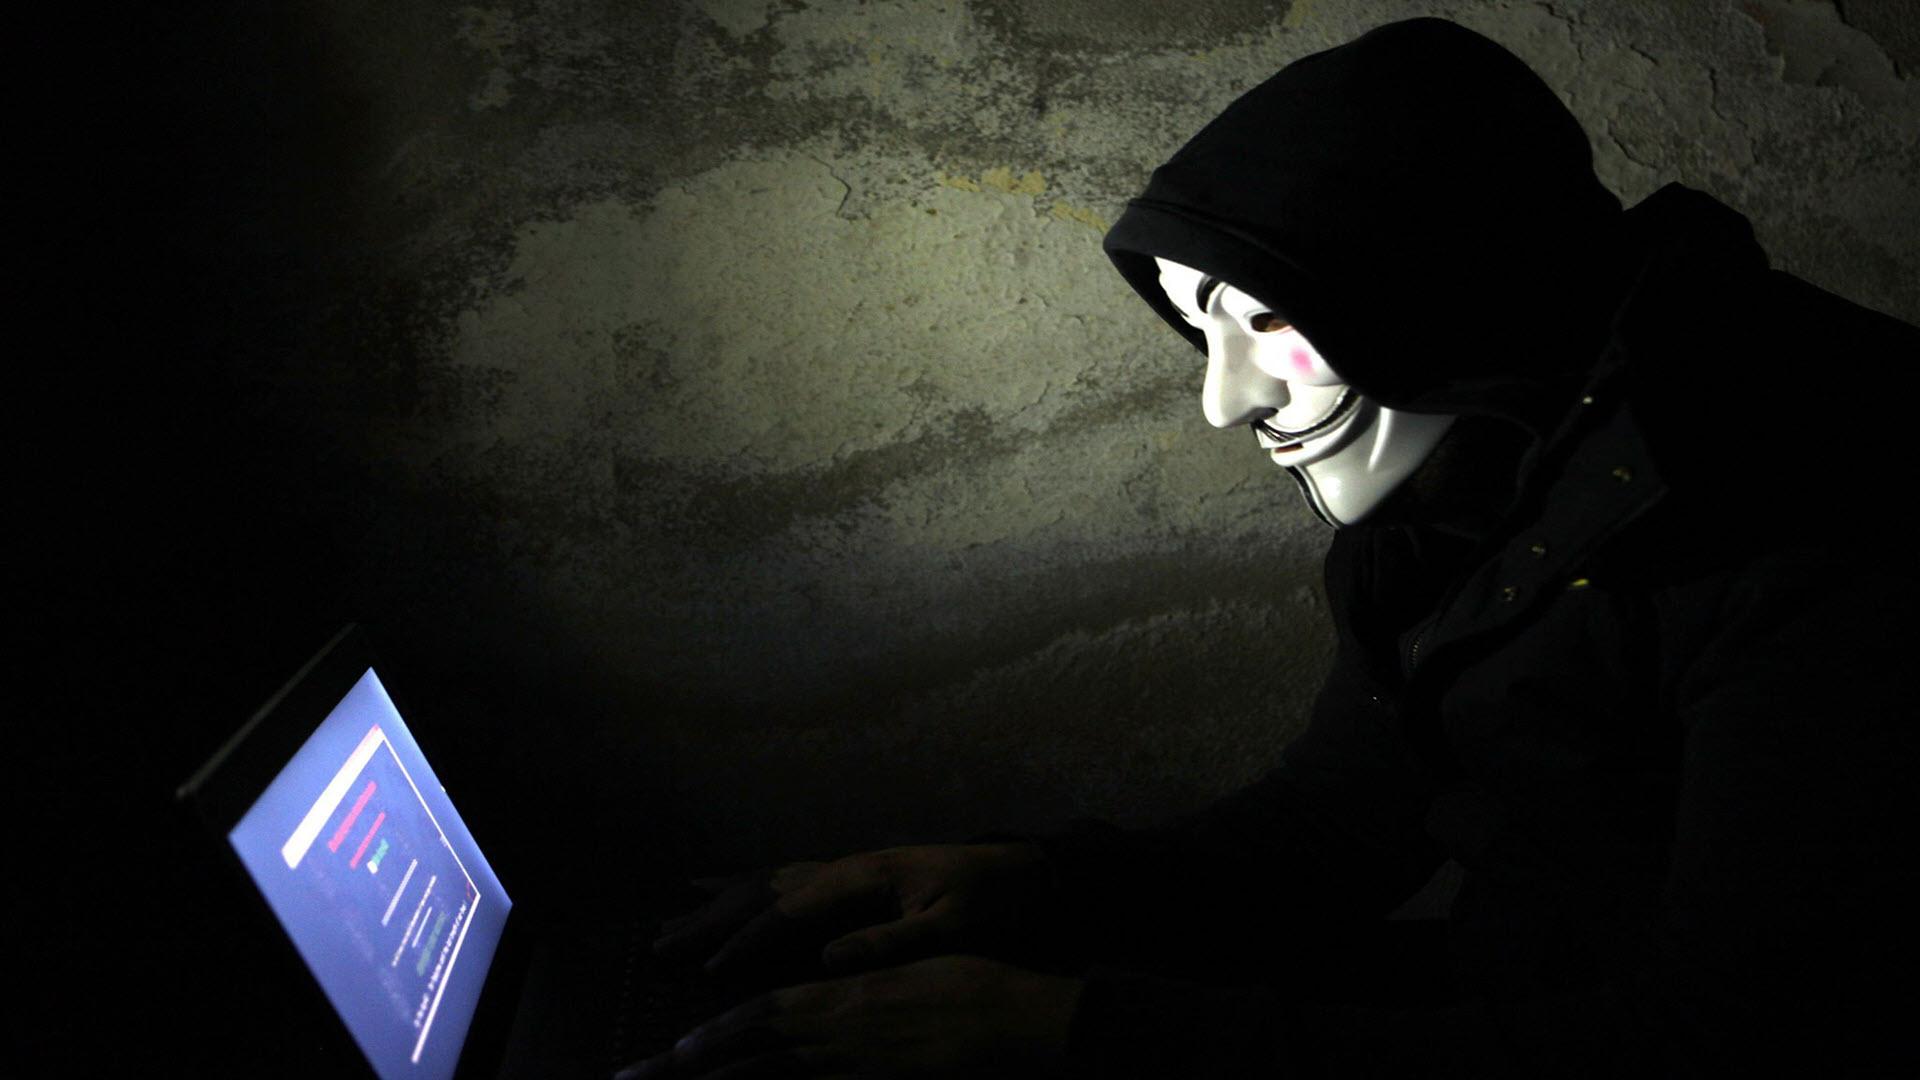 Hình nền hacker đẹp nhất